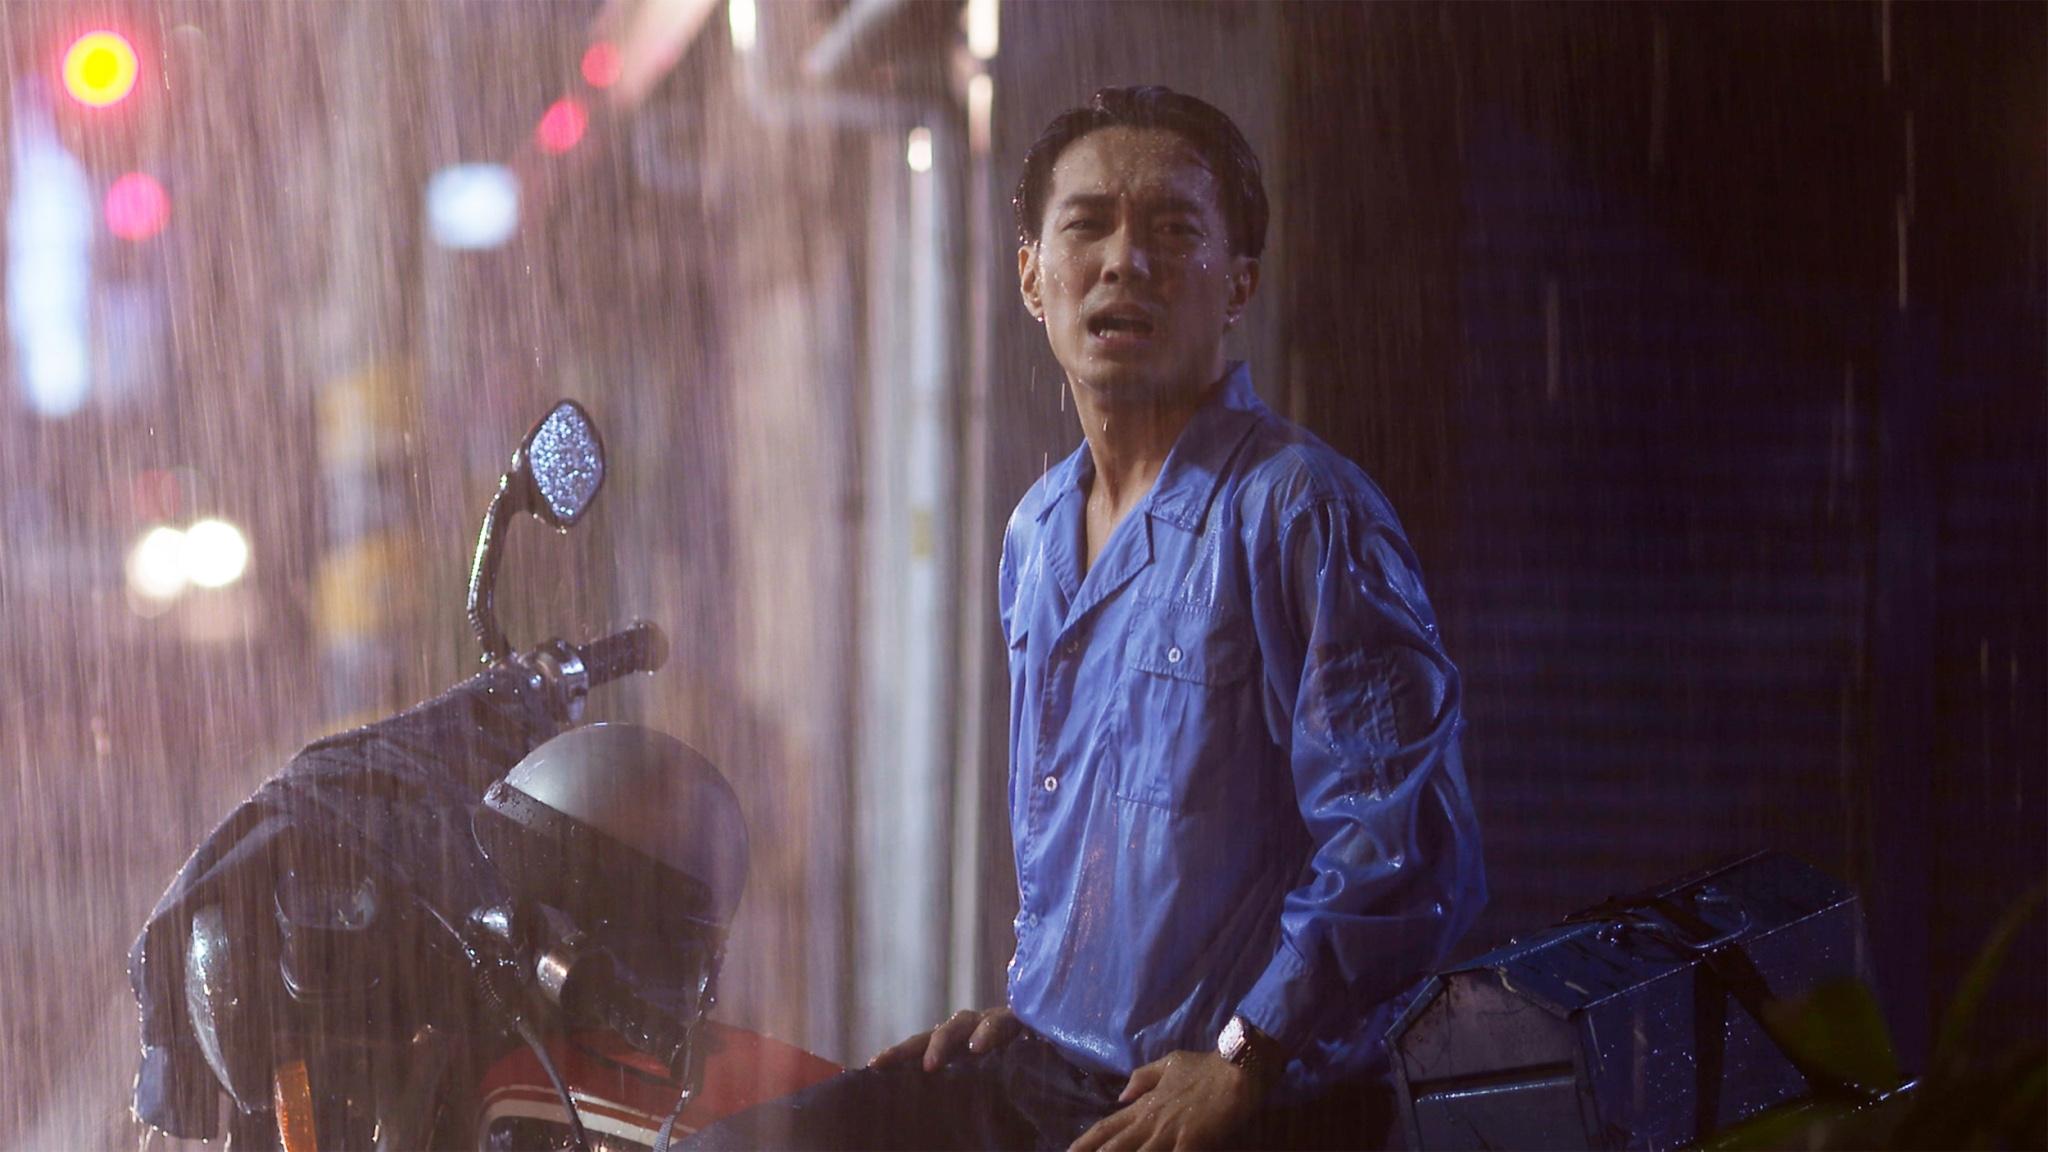 劇中許仁杰冒著會破相的風險,演出被高壓電擊摔背抽搐,又在大雨中淋成落湯雞。